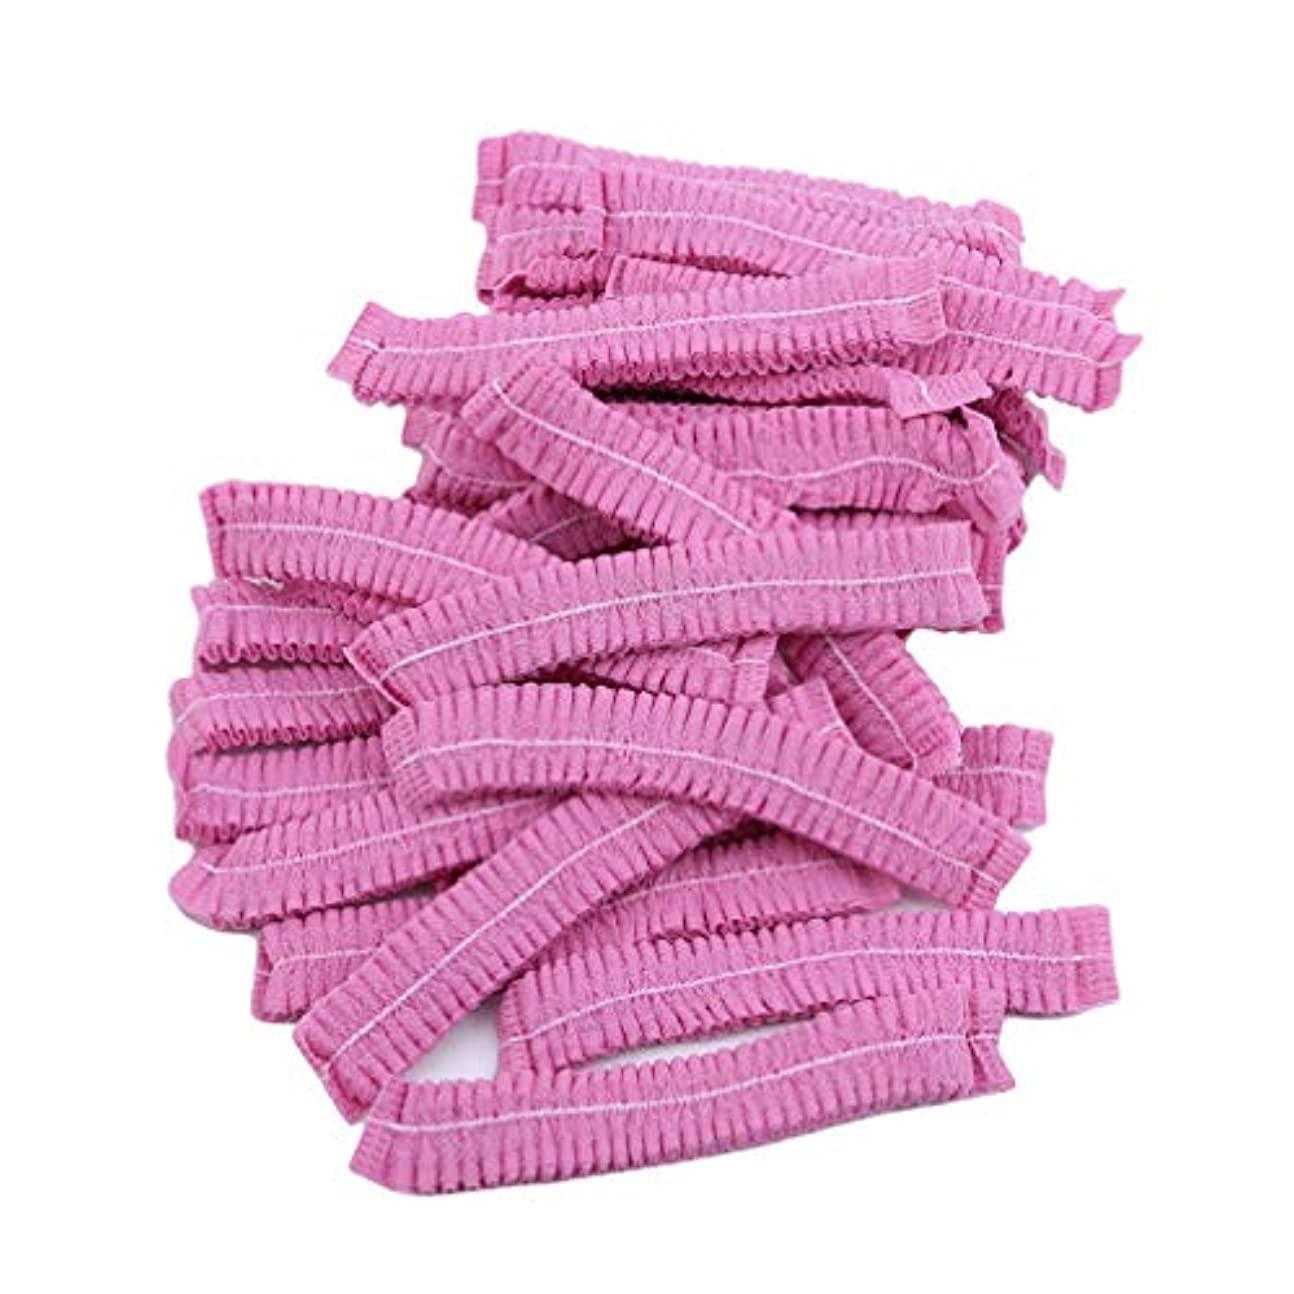 食事女王セレナLJSLYJ 100ピースマイクロブレードパーマネントメイクアップ使い捨てヘアネットキャップ滅菌帽子眉毛スタイリングツールアクセサリー、ピンク